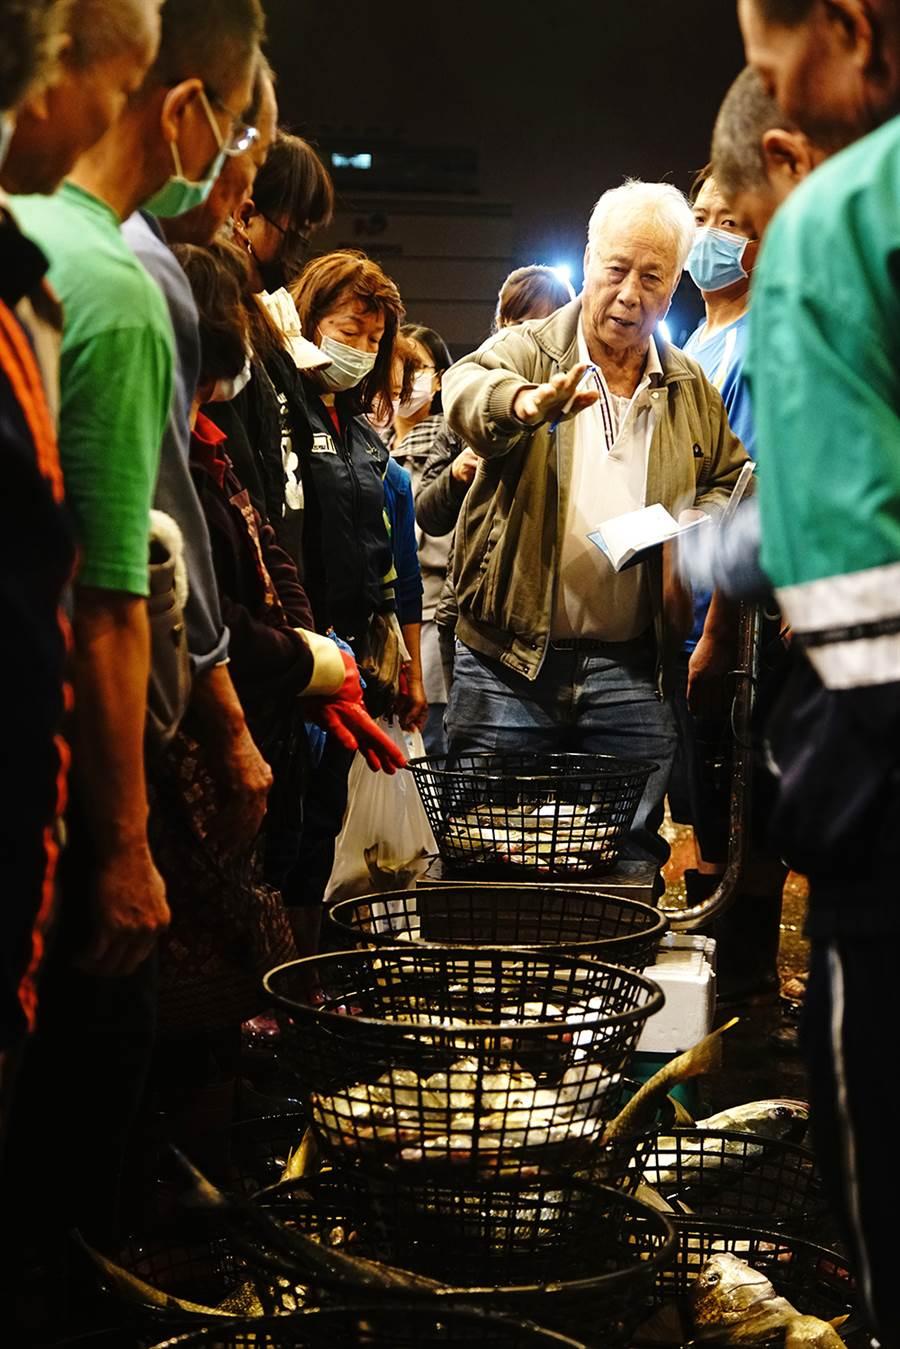 魚貨拍賣員被稱為「糶(ㄊㄧㄠˋ)手」,一直扮演魚貨拍賣市場最重要的靈魂人物。(攝影/曾信耀/Takao樂高雄/提供)